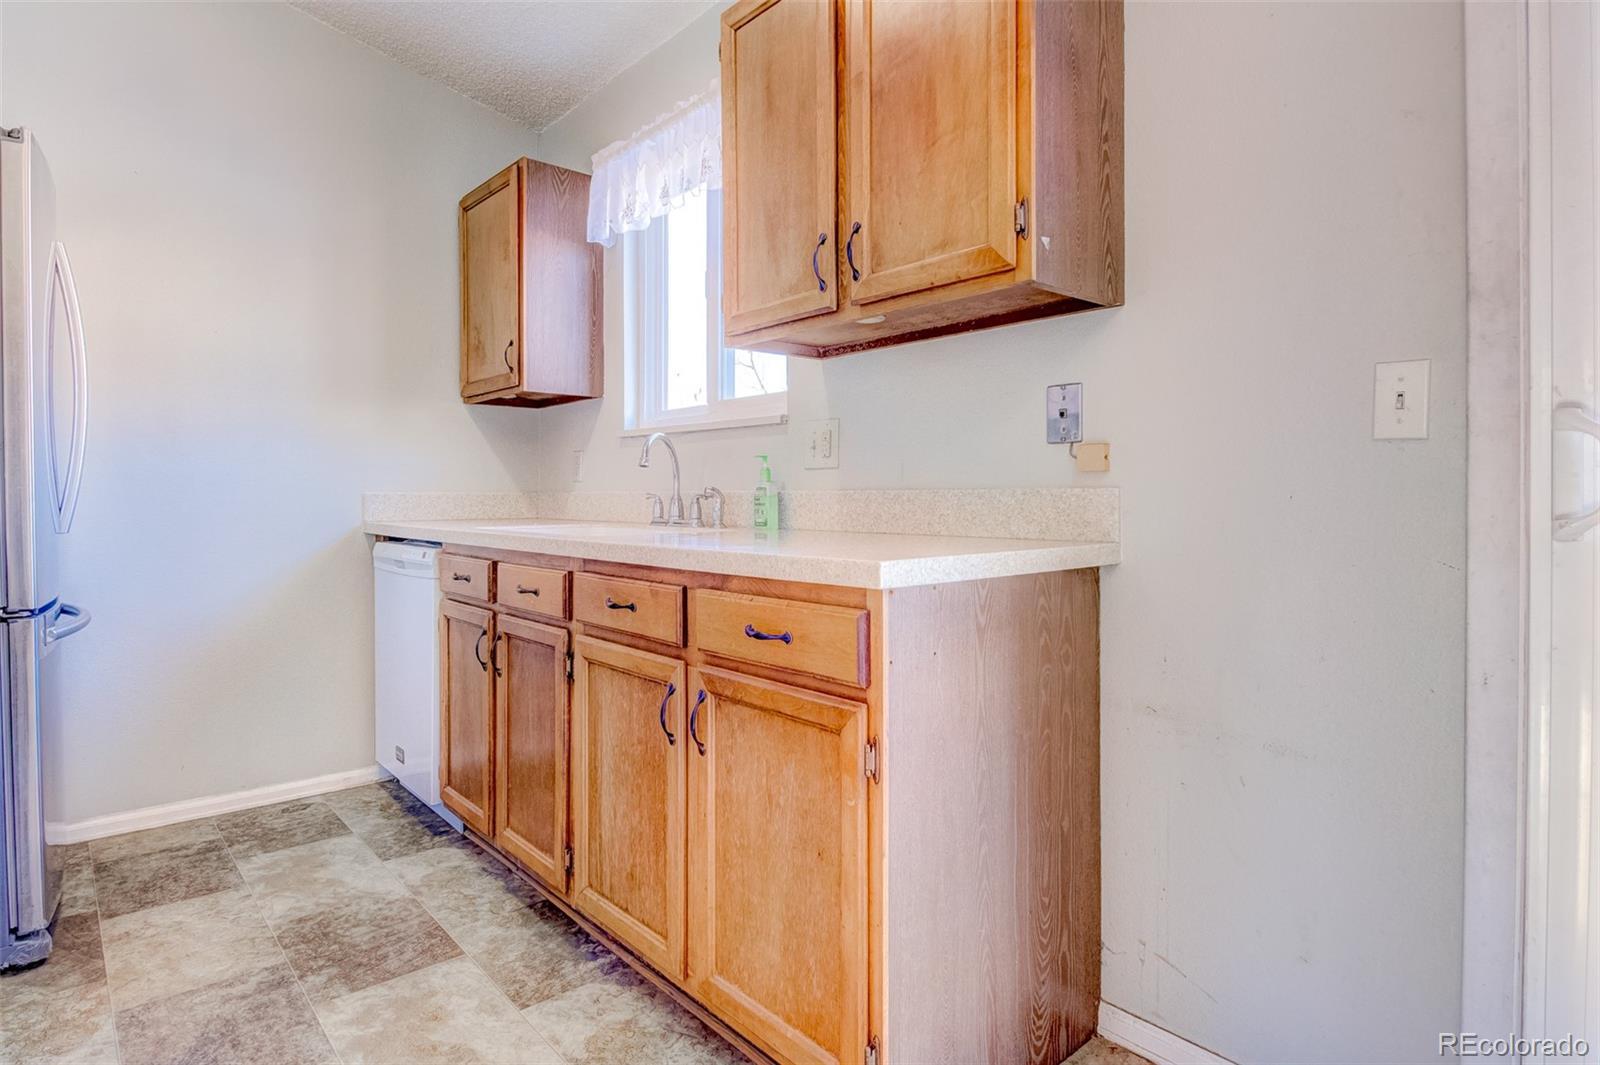 MLS# 3971257 - 6 - 2025 Eddington Way, Colorado Springs, CO 80916